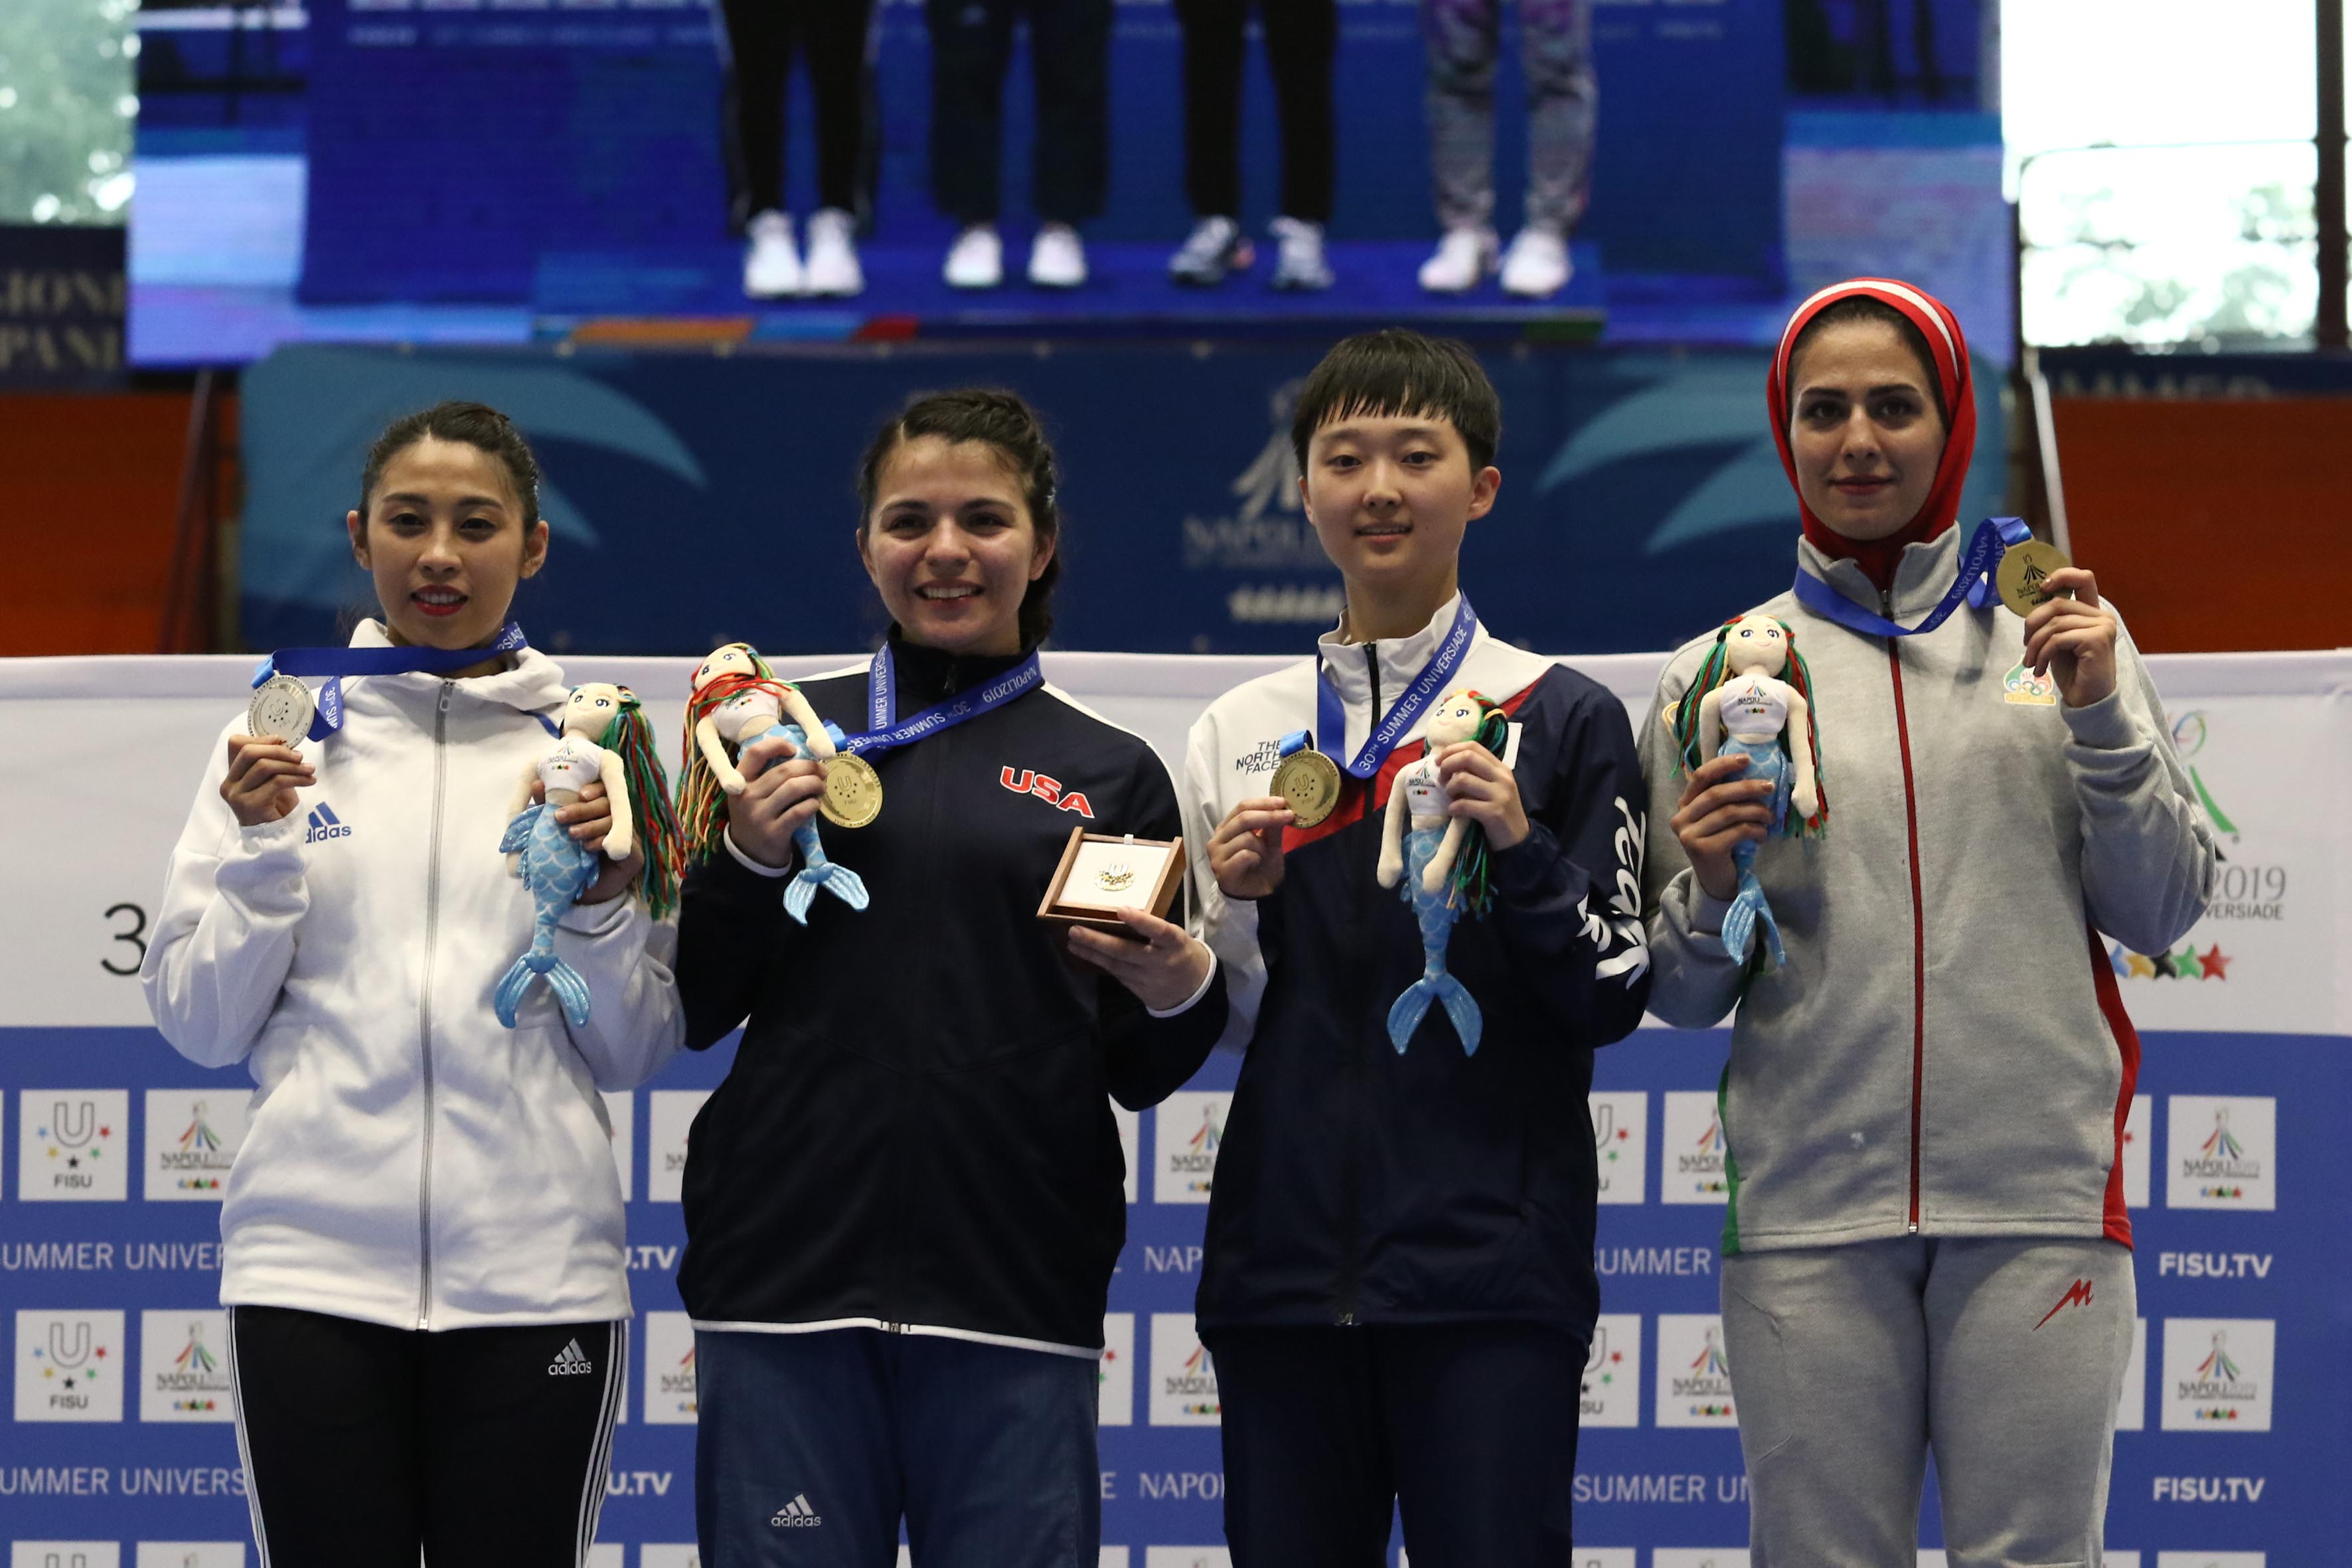 Pala Casoria Premiazione di Taekwondo da sinistra verso destra, Su Chia-En medaglia d'argento, Munoz Adalis J USA medaglia d'oro, un Jihye Korea medaglia di bronzo, Hesam Fatemeh Iran medaglia di bronzo , Napoli 7 Luglio 2019 Photo pool fotografi Universiadi